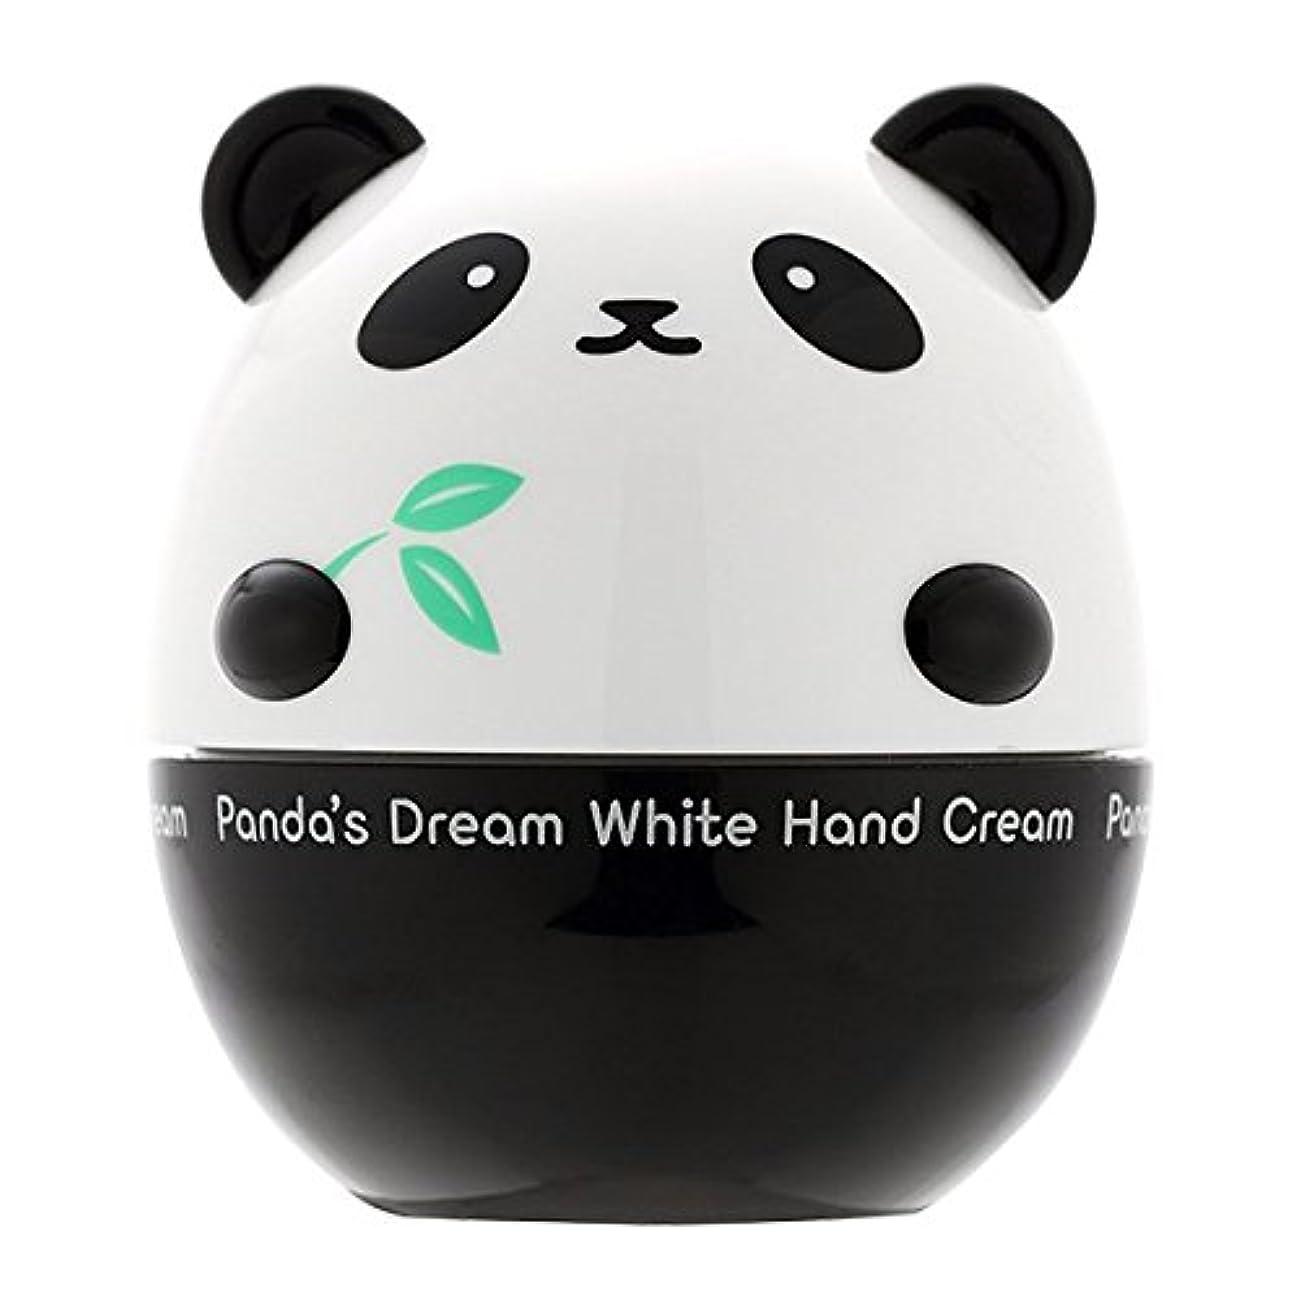 持続的あえてレザーTONYMOLY パンダのゆめ ホワイトマジッククリーム 50g Panda's Dream White Magic Cream 照明クリームトニーモリー下地の代わりに美肌クリーム美肌成分含有 【韓国コスメ】トニーモリー